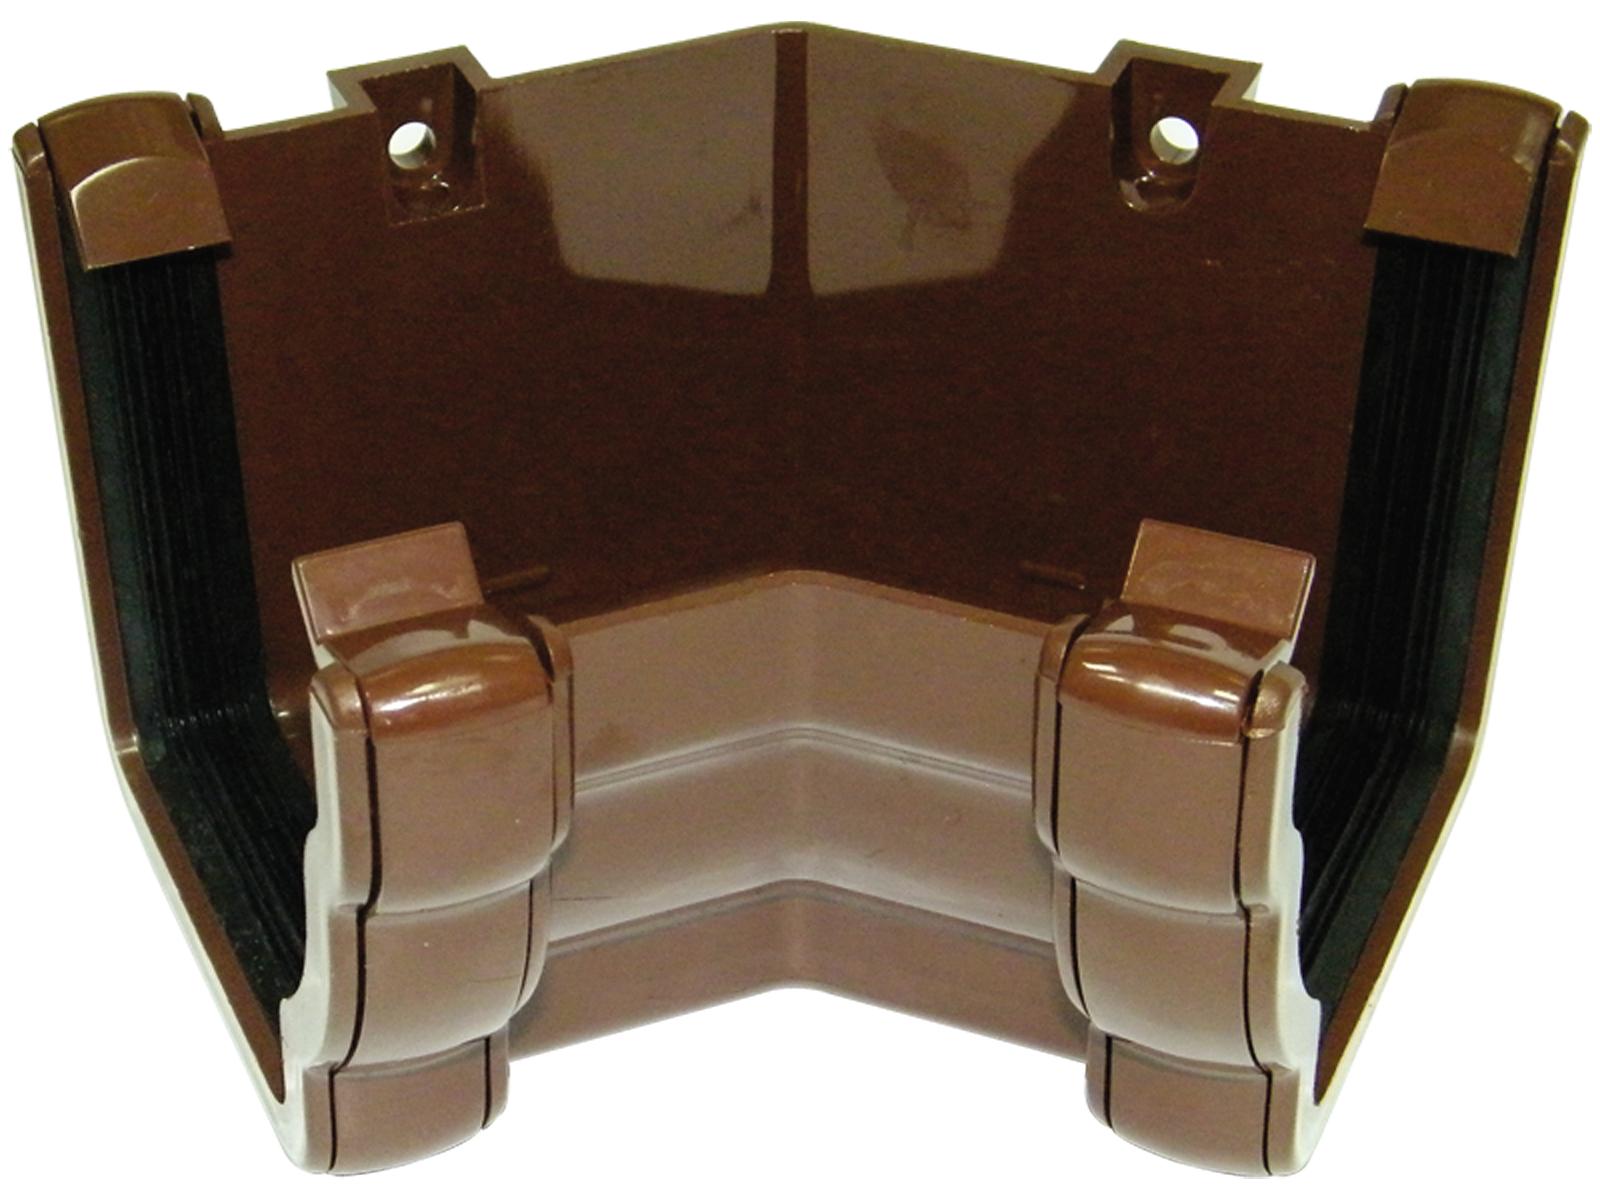 Floplast RAN3BR 110mm Niagara Ogee Gutter - 135* Internal Angle - Brown